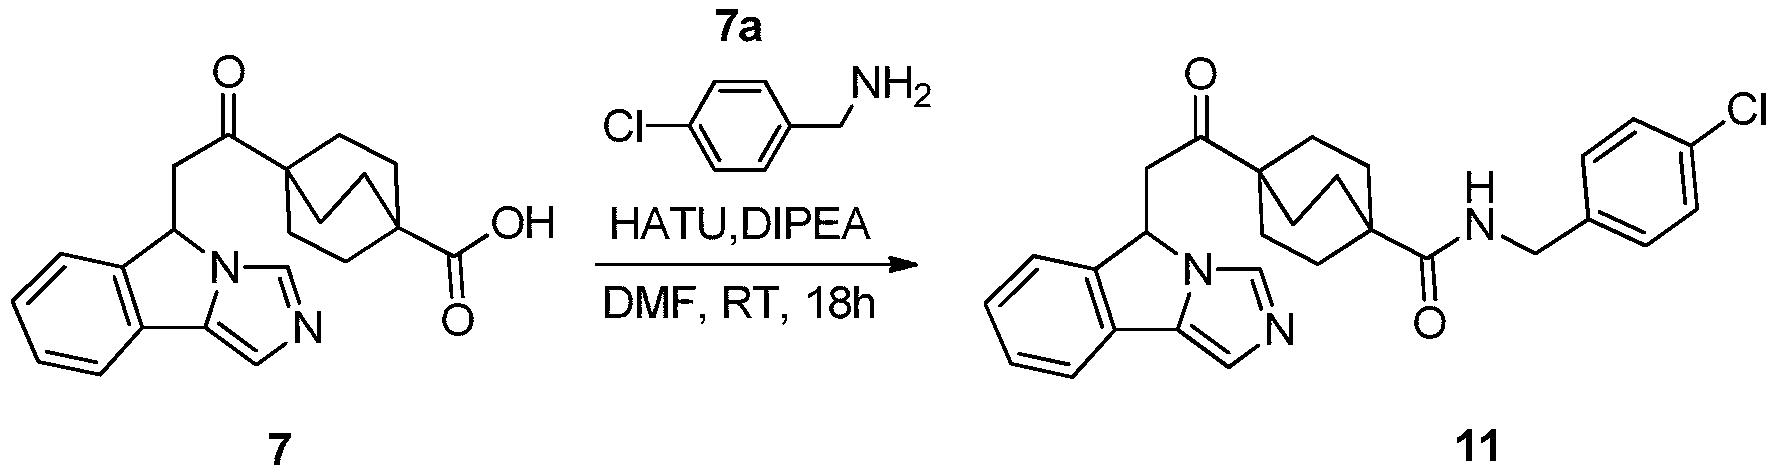 Figure PCTCN2017084604-appb-000285